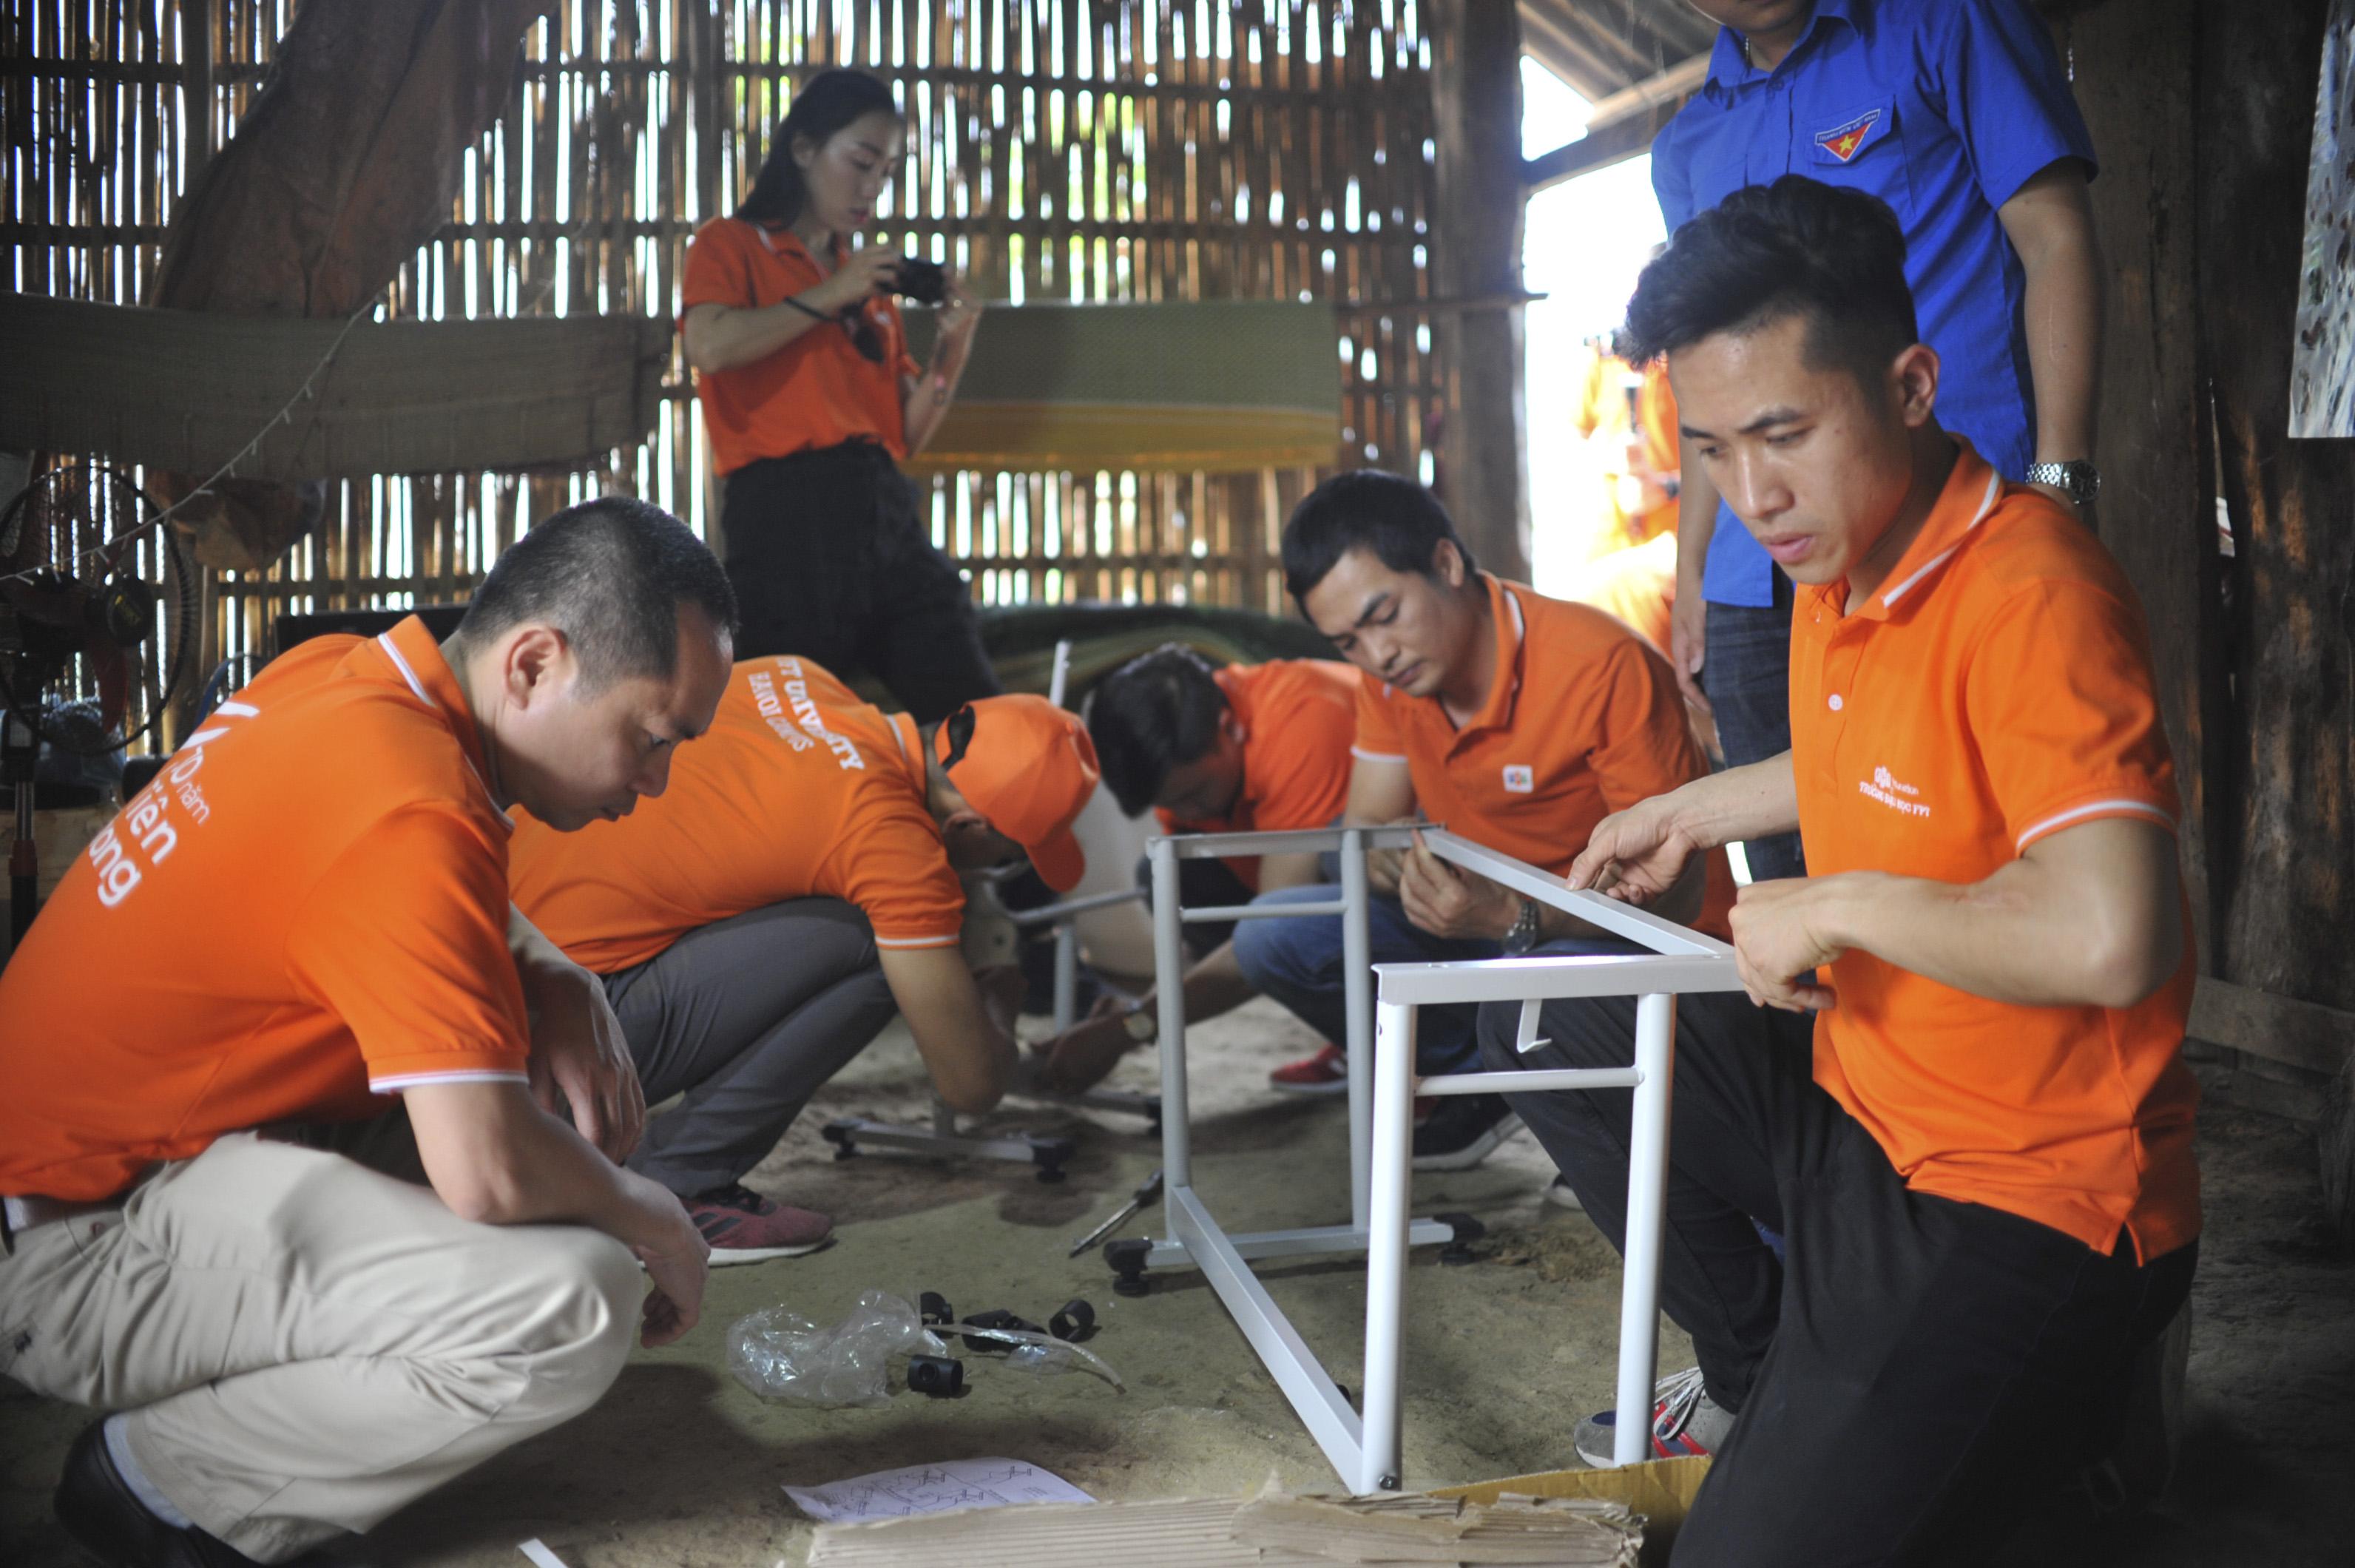 Bên cạnh đó, người FPT đến tận nhà các em nhỏ được trao góc học tập để lắp đặt bàn học. Công việc này không dễ, thường các nhóm sẽ mất từ 30 phút đến 1 tiếng để giúp các em có góc học tập mới, khang trang.